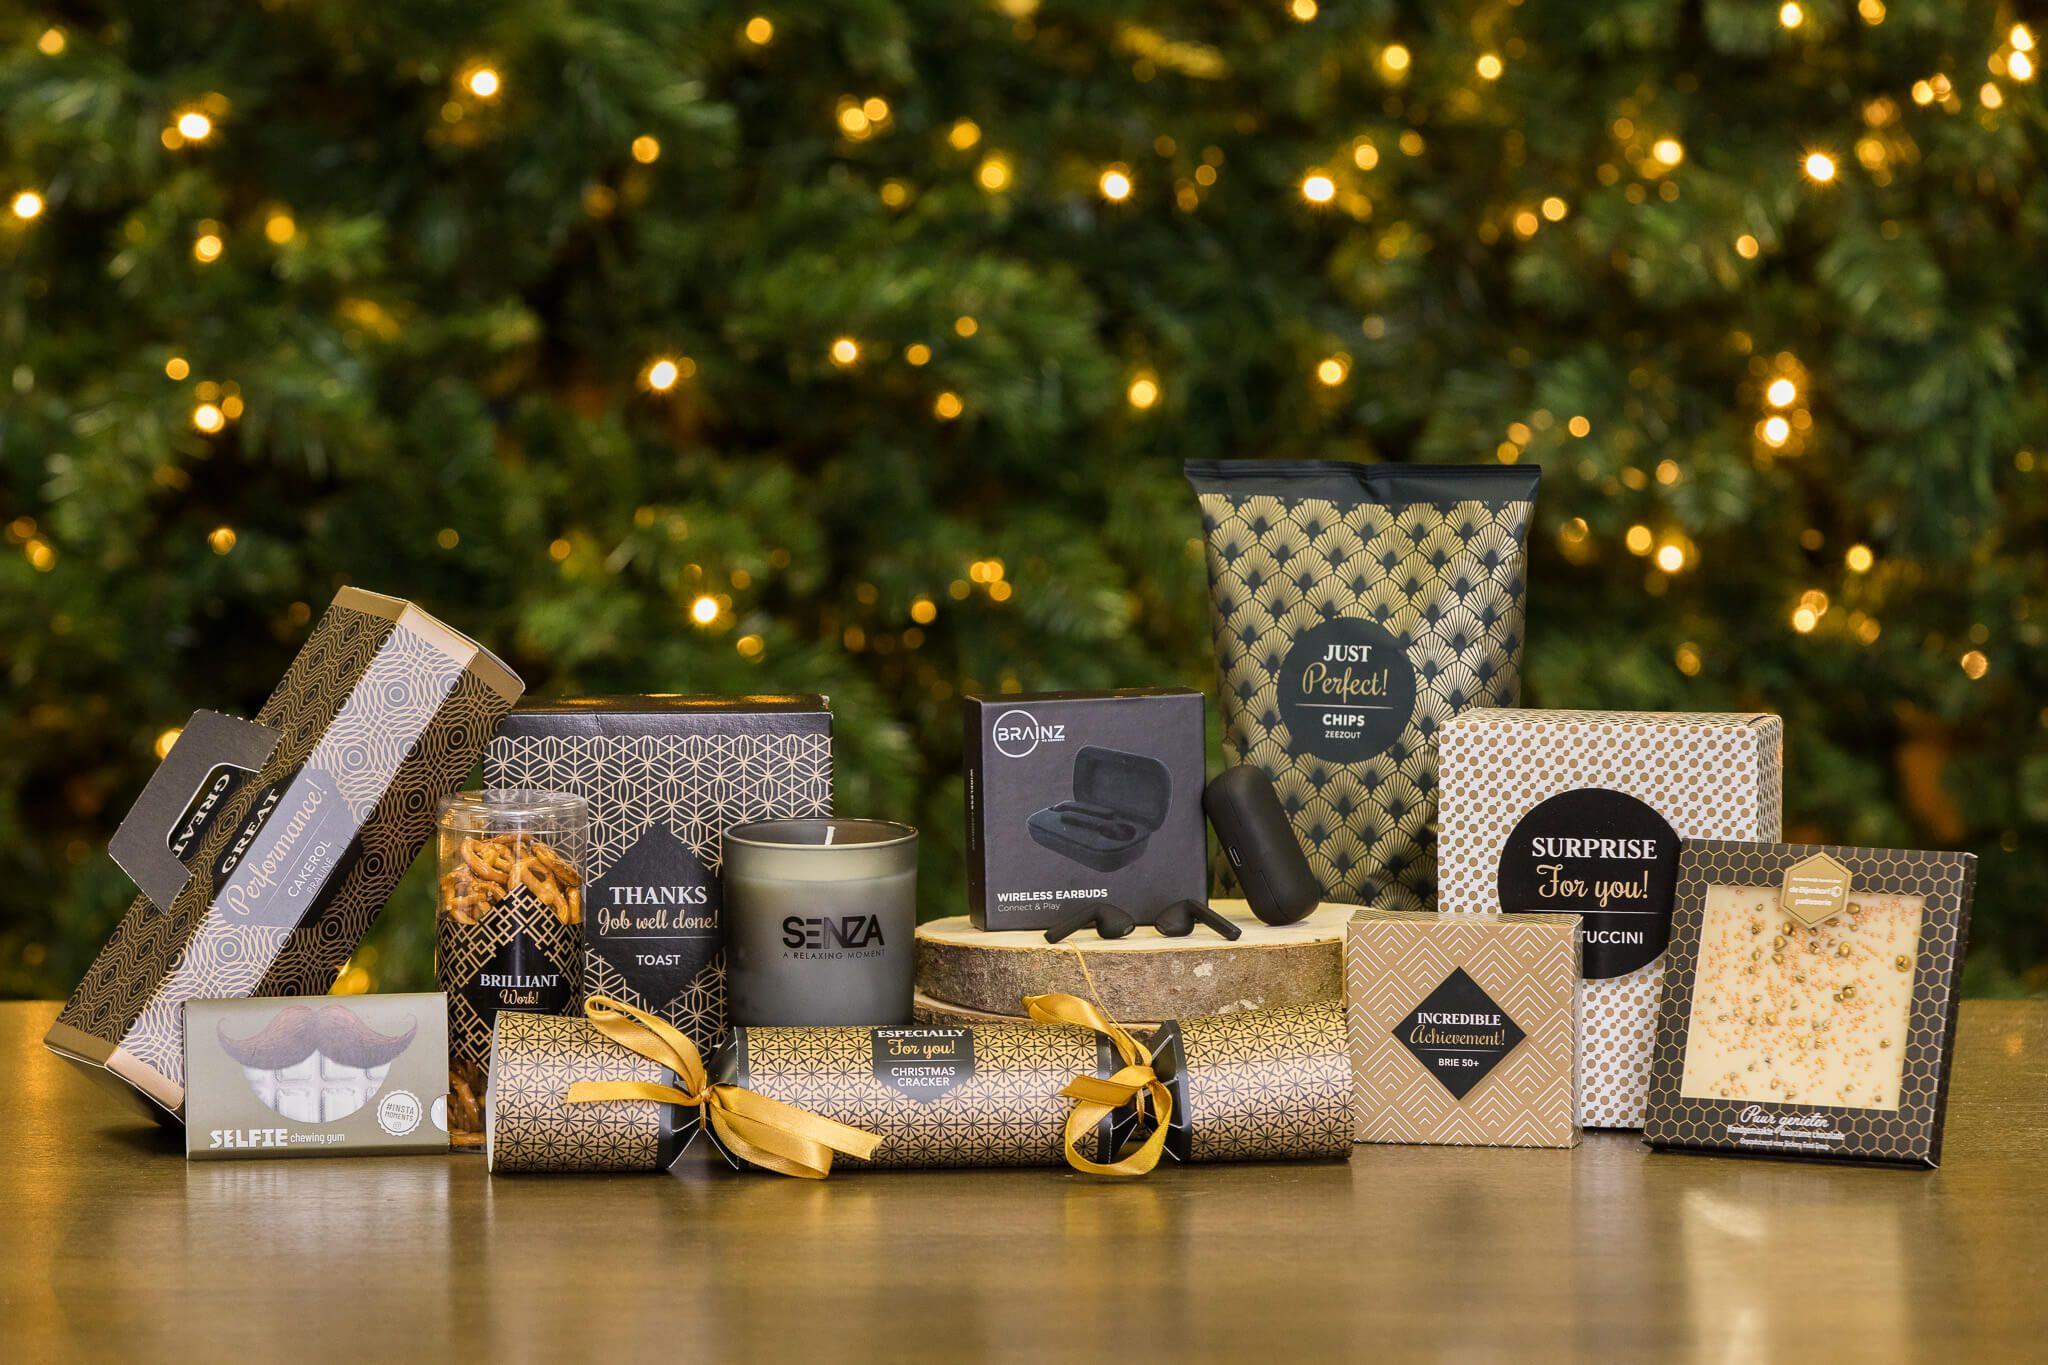 kerstgeschenk-kerstpakket-eindejaarsgeschenk-thank-you-bedankt-earpods